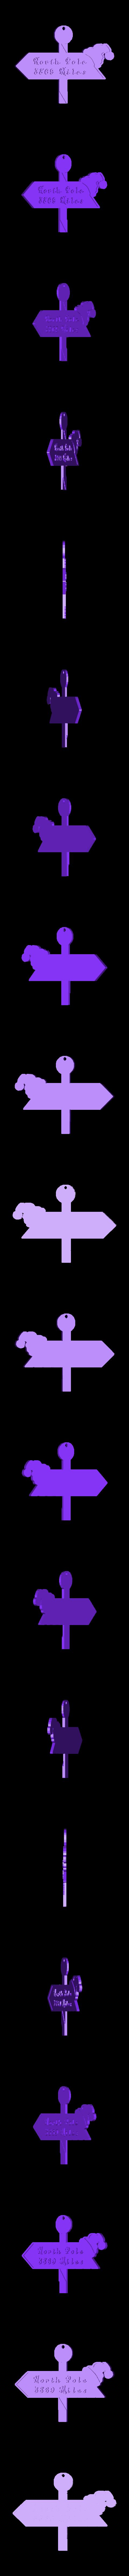 Example_from_Irvine_CA.stl Télécharger fichier STL gratuit Distance jusqu'au panneau du pôle Nord • Objet pour impression 3D, Yazhgar